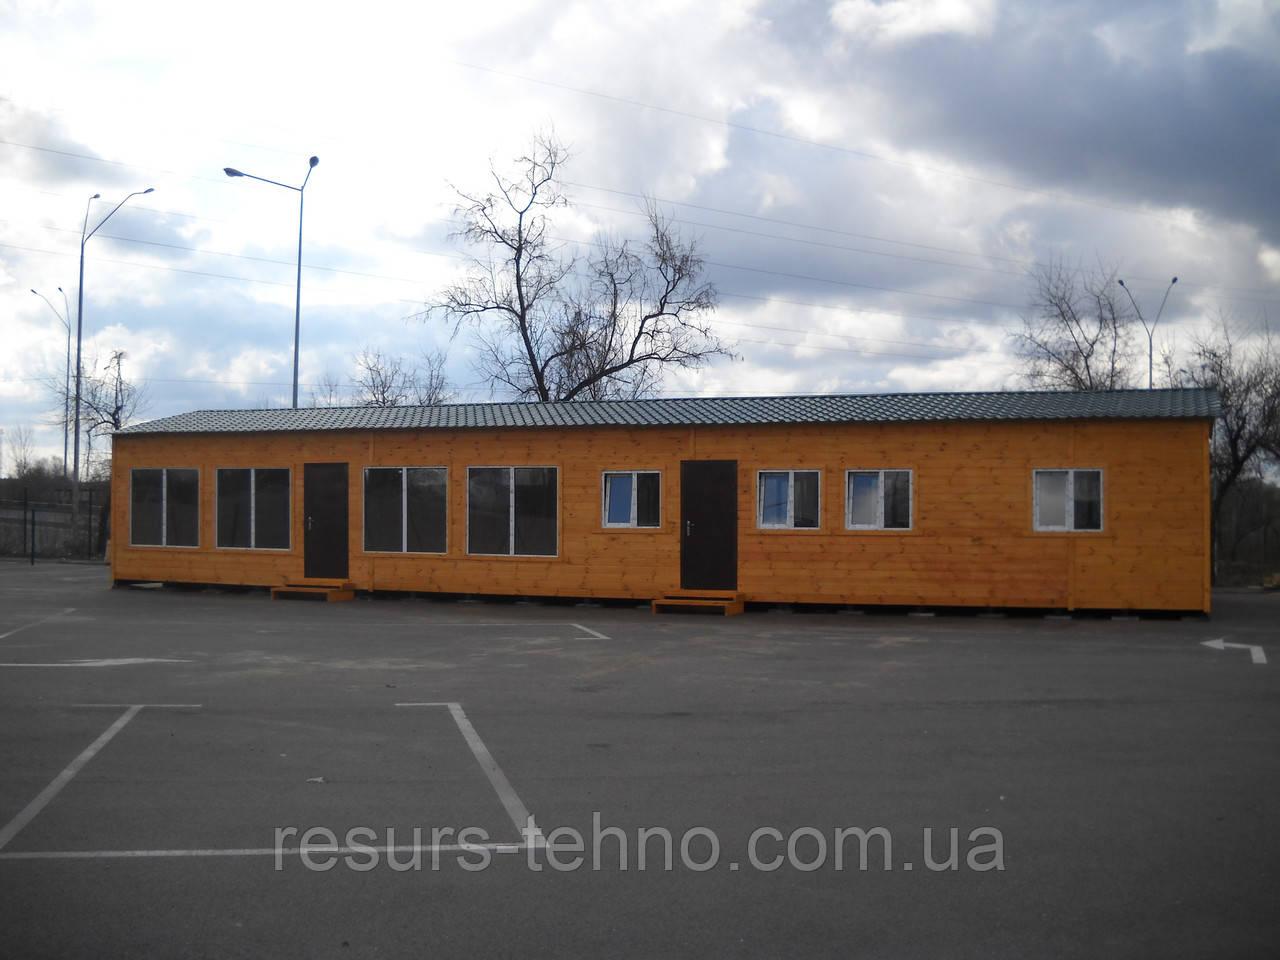 Дом для магазина-офиса 20м х 6м